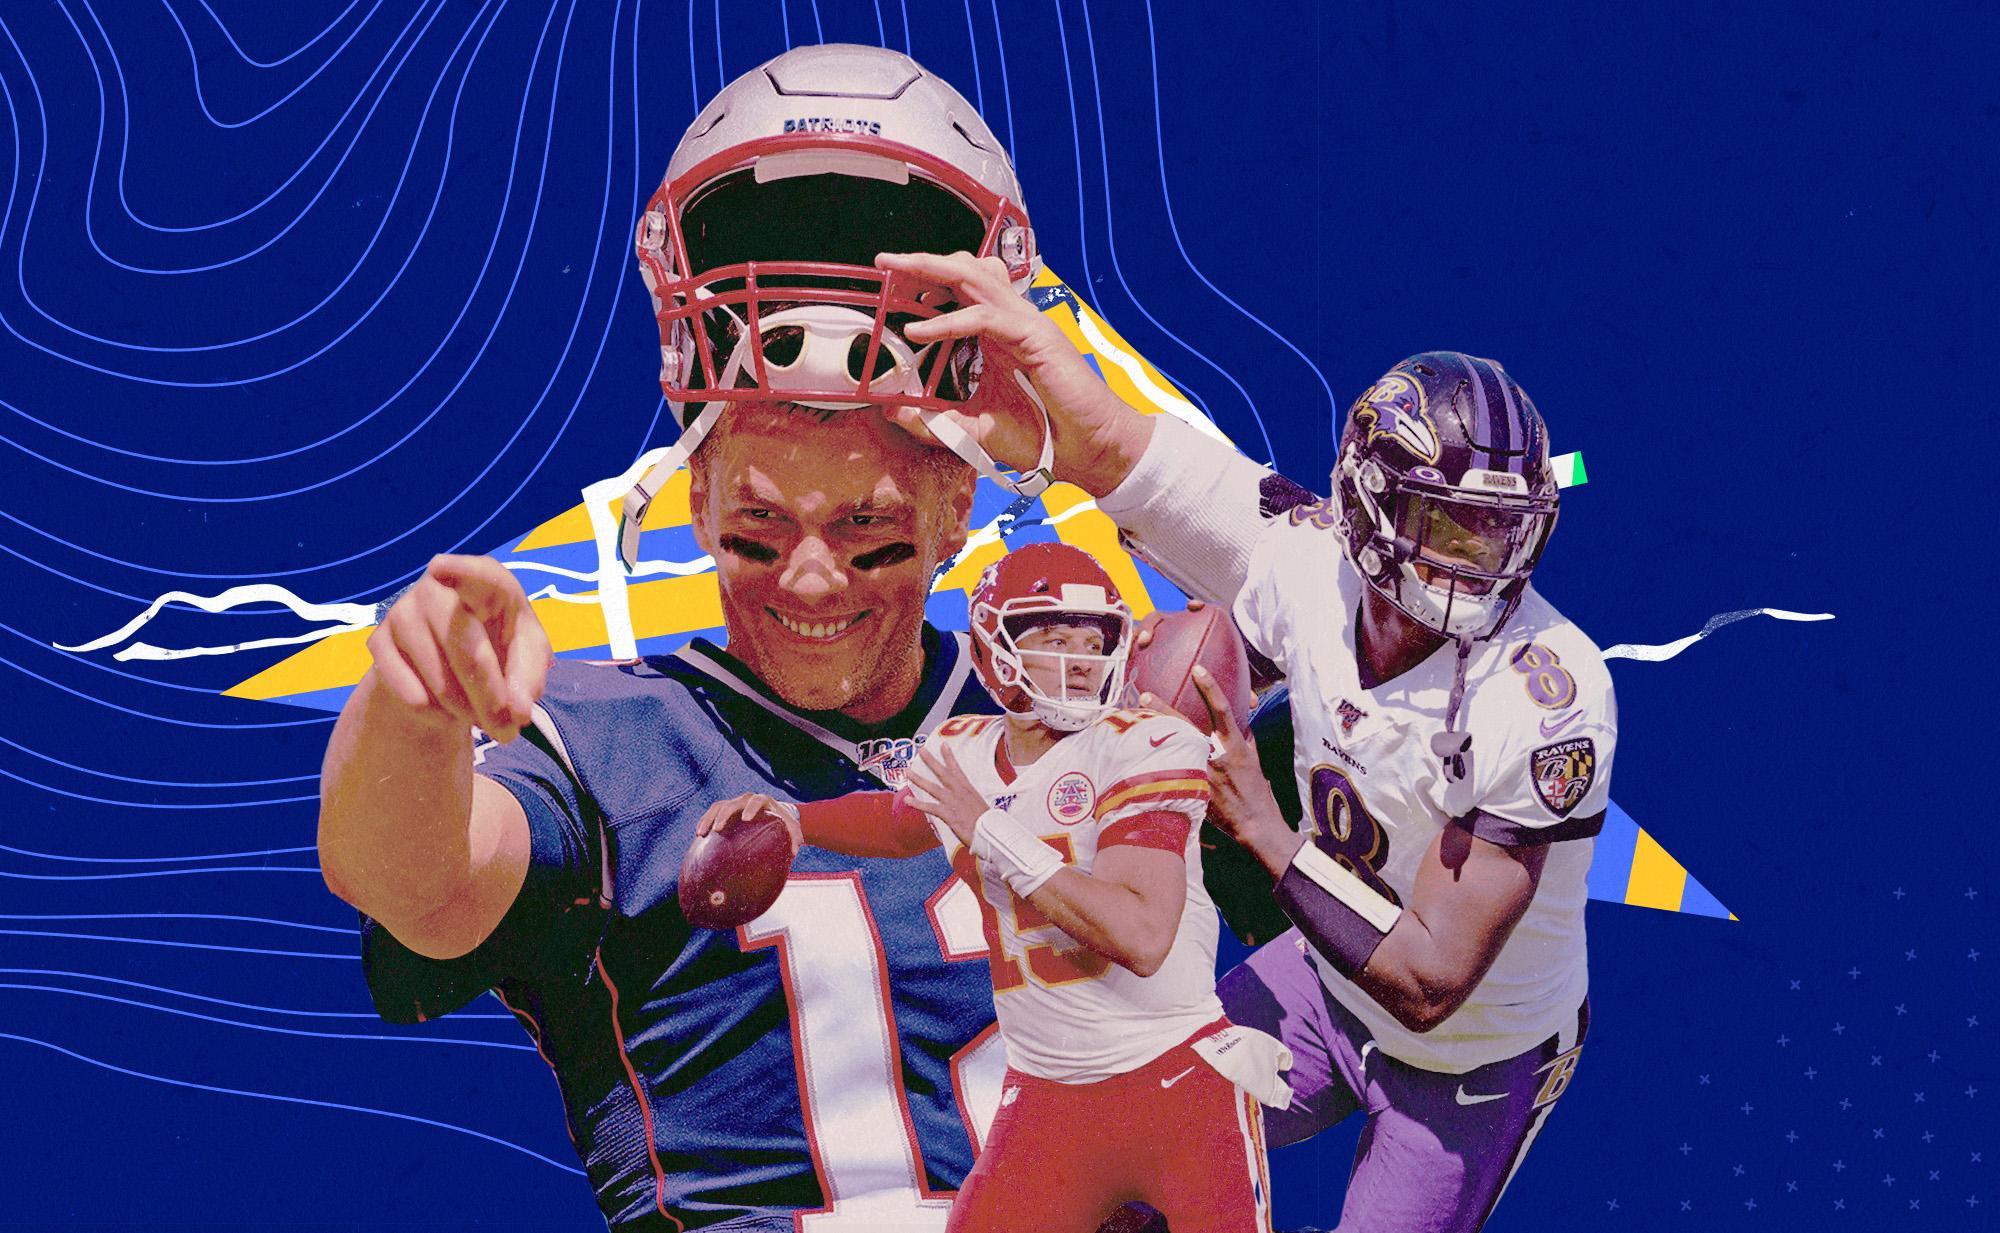 Chiefs QB Patrick Mahomes, Patriots QB Tom Brady, and Ravens QB Lamar Jackson superimposed upon a blue background.